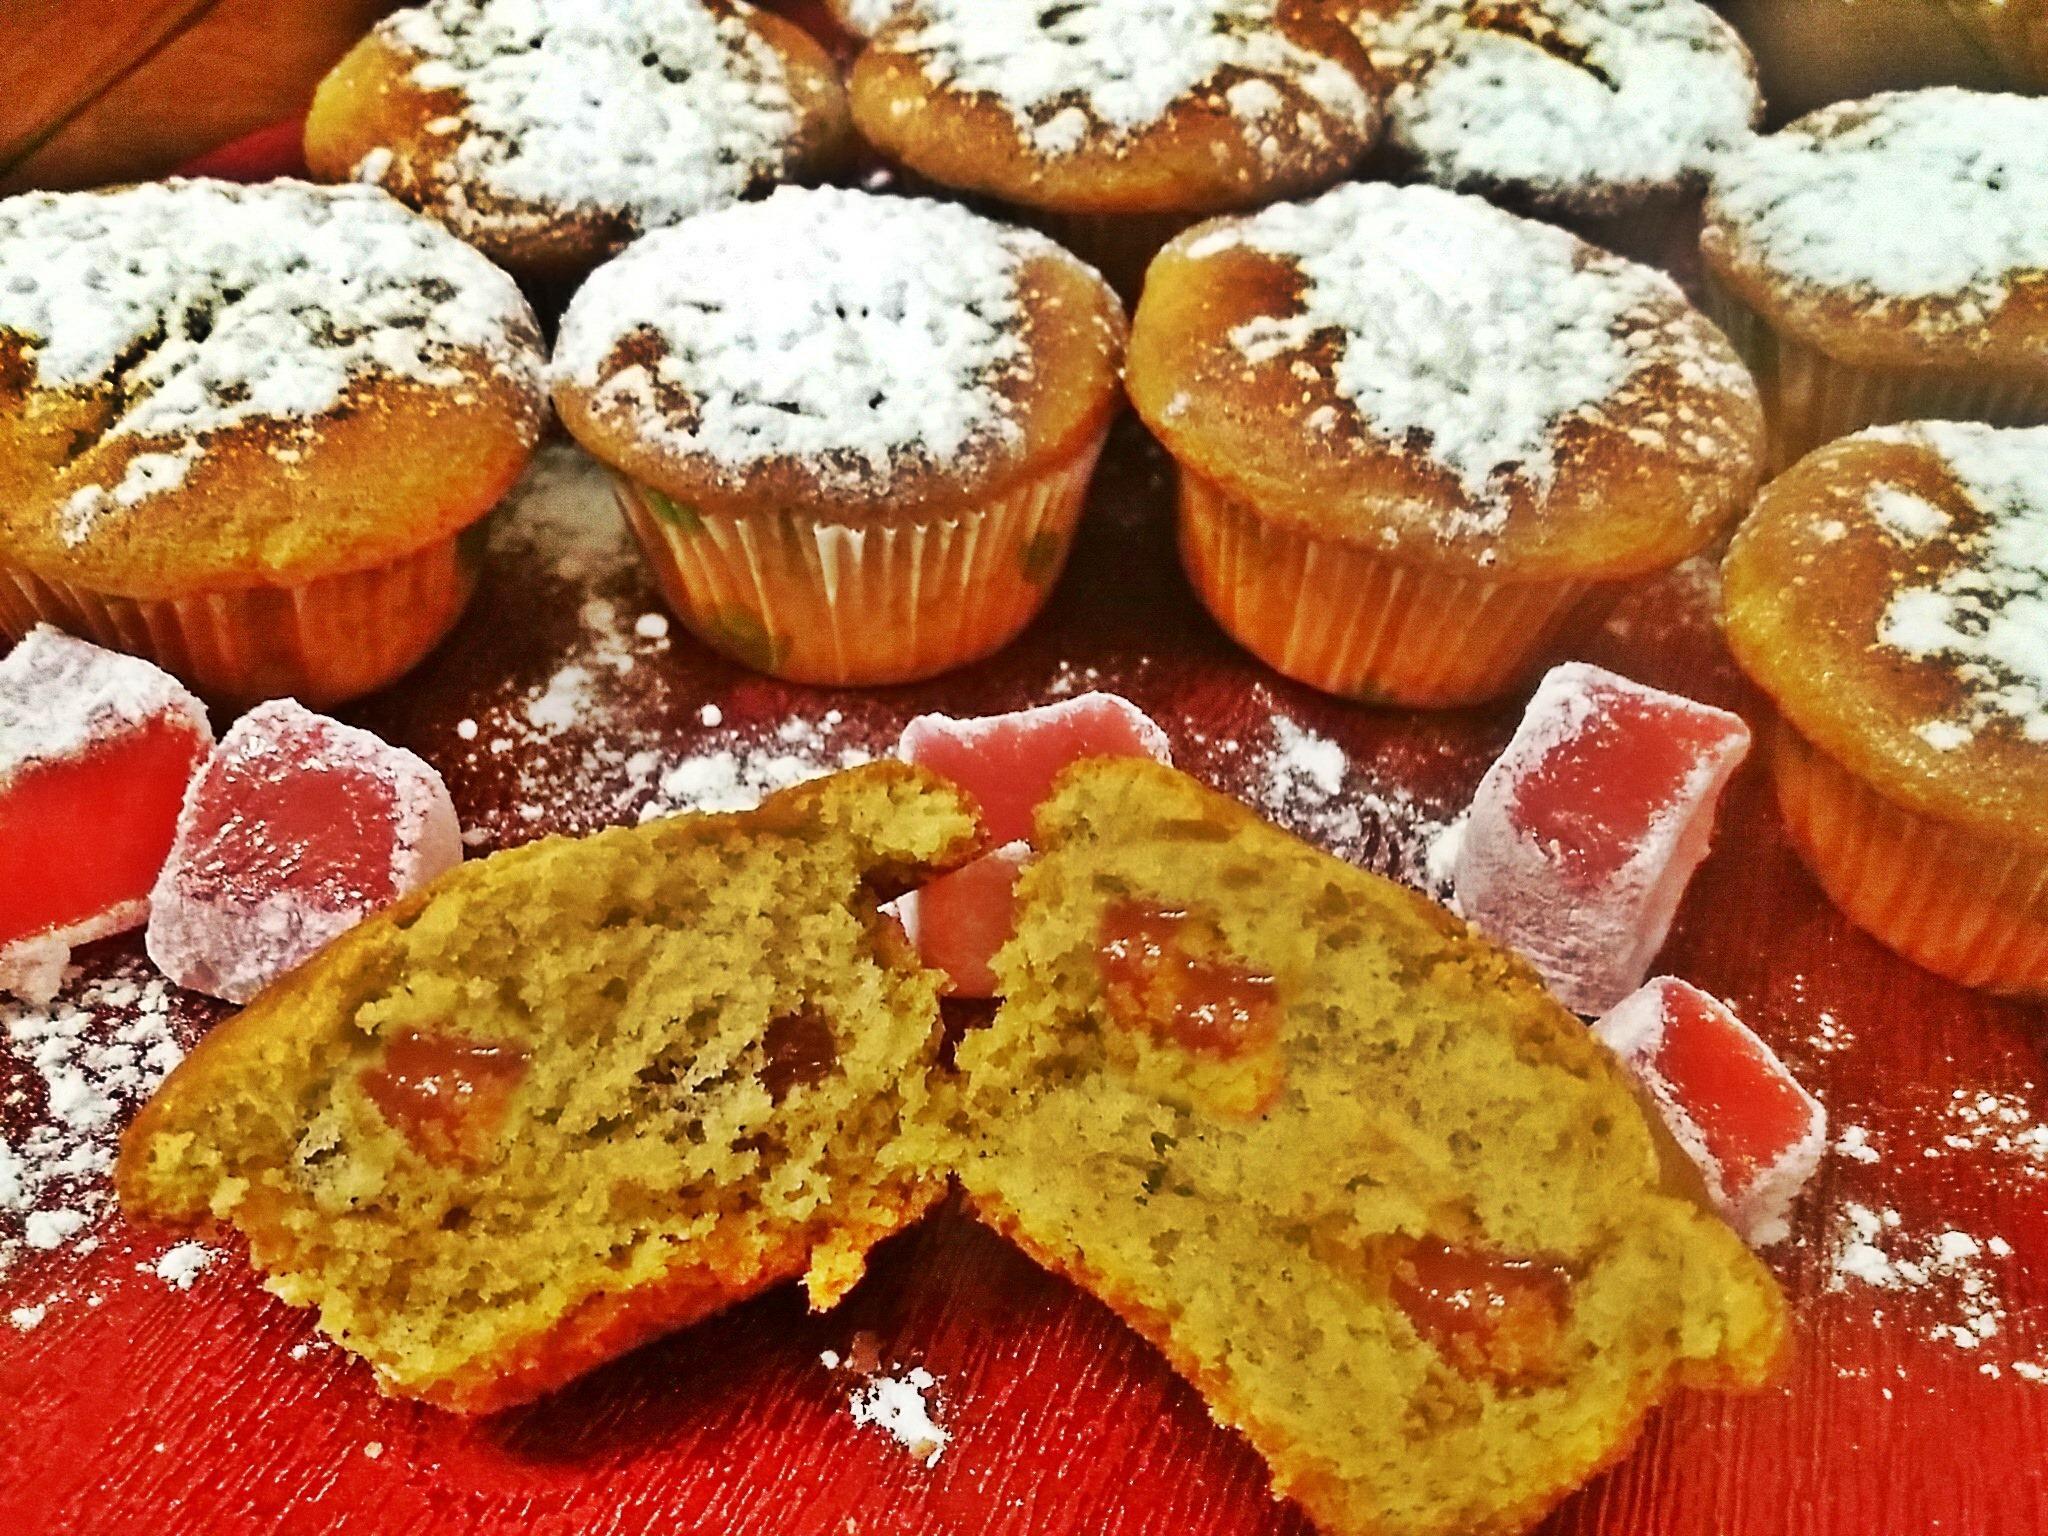 Μαγειρεύοντας με την Αρετή: Cupcakes με λουκούμι